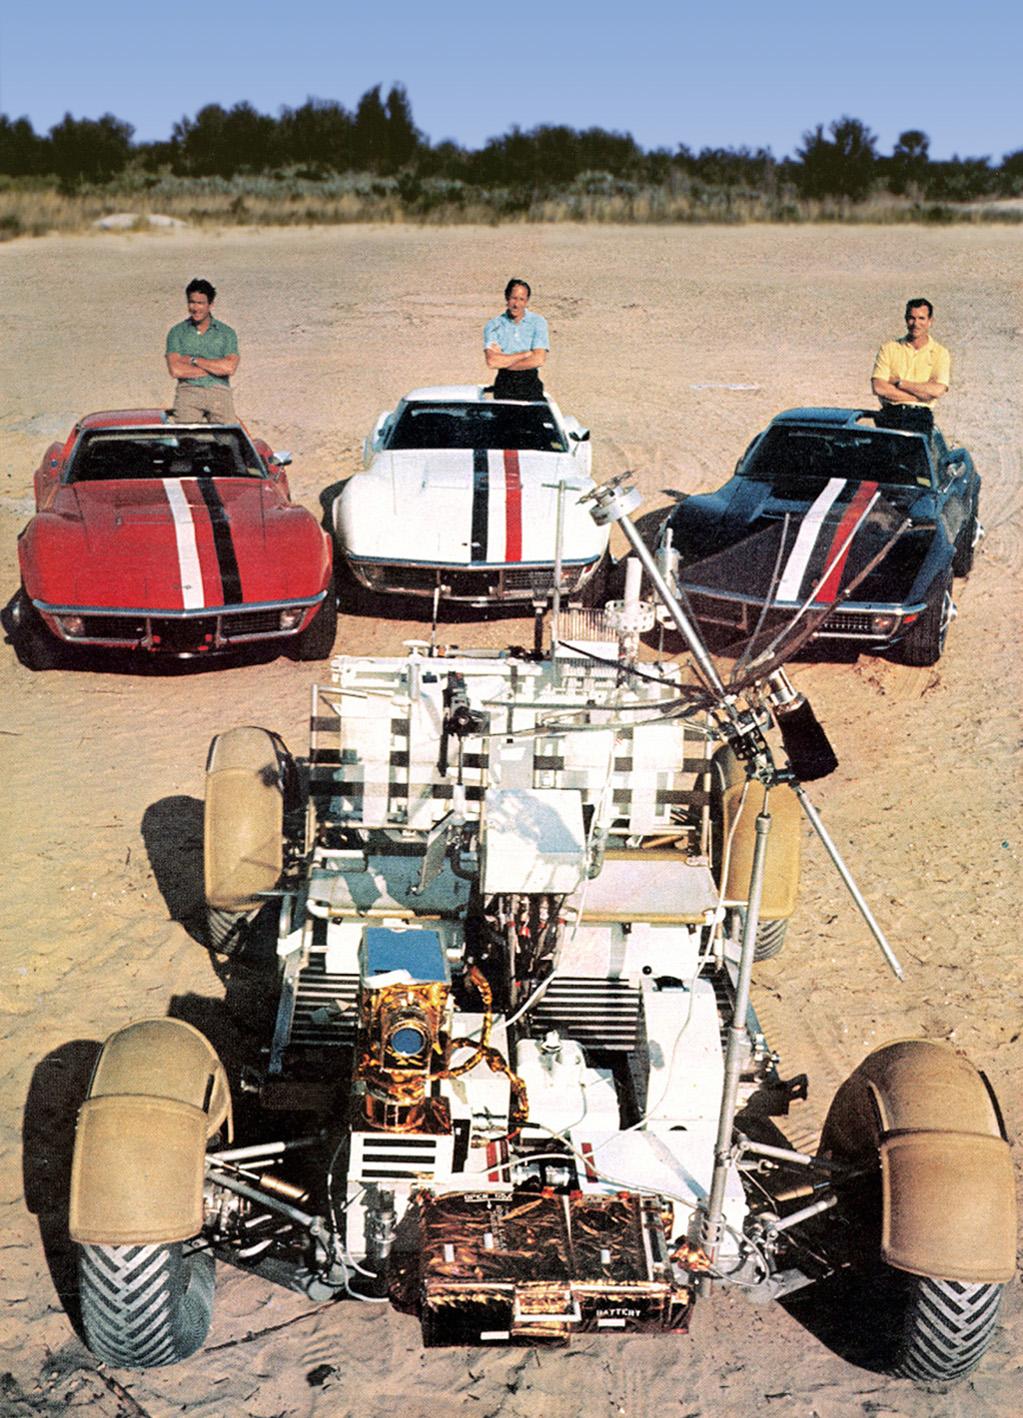 Astronautene i Apollo-prosjektet hadde tradisjon for å kjøre Corvette. Her er gjengen fra Apollo 15 foran sine egne Corvetter og månebilen. Irwin med rød bil, Worden med hvit og Scott med blå.